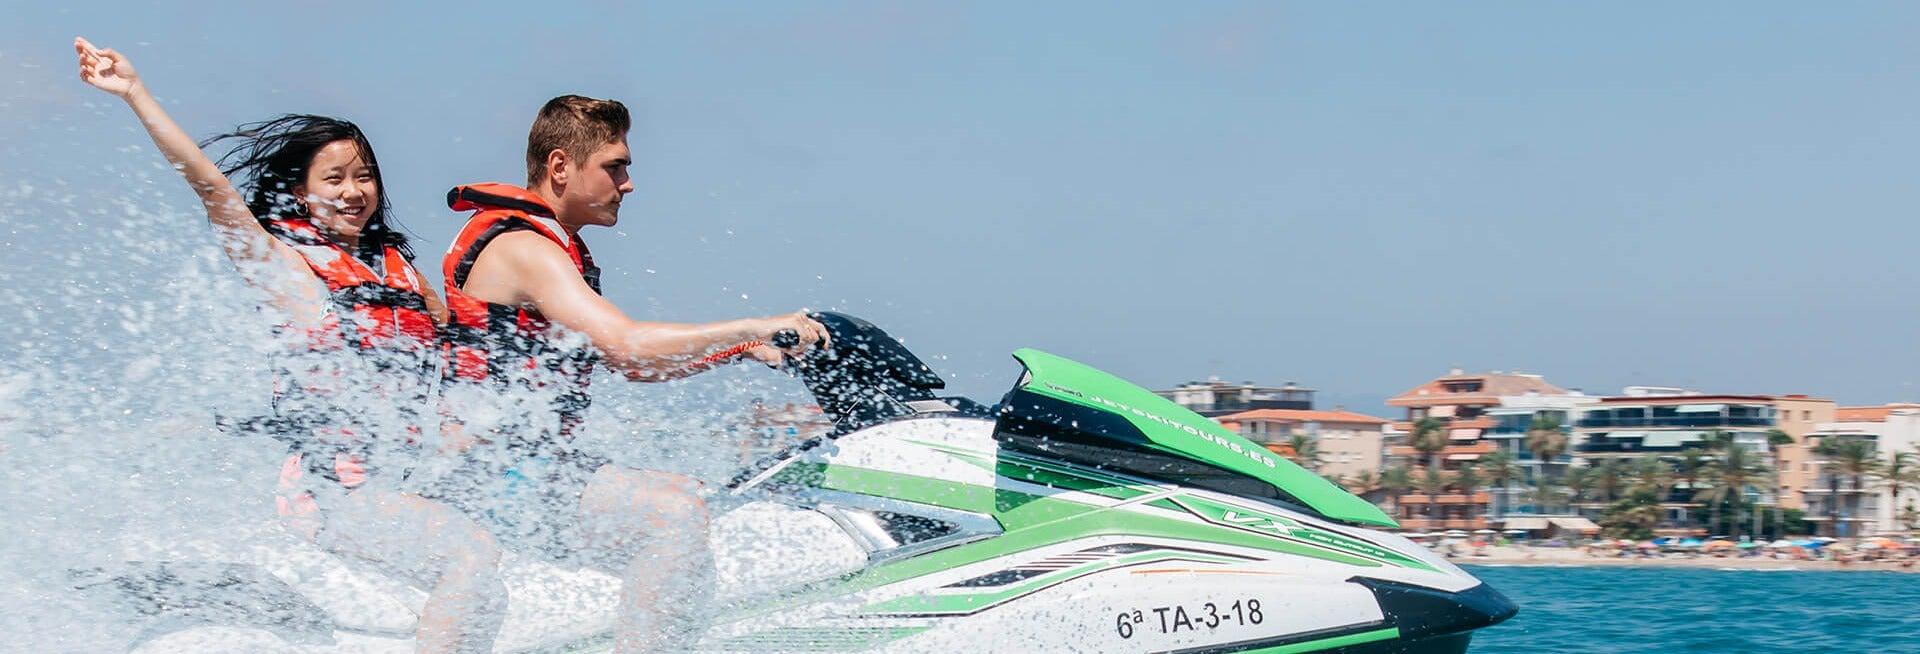 Tour en moto de agua por Cambrils